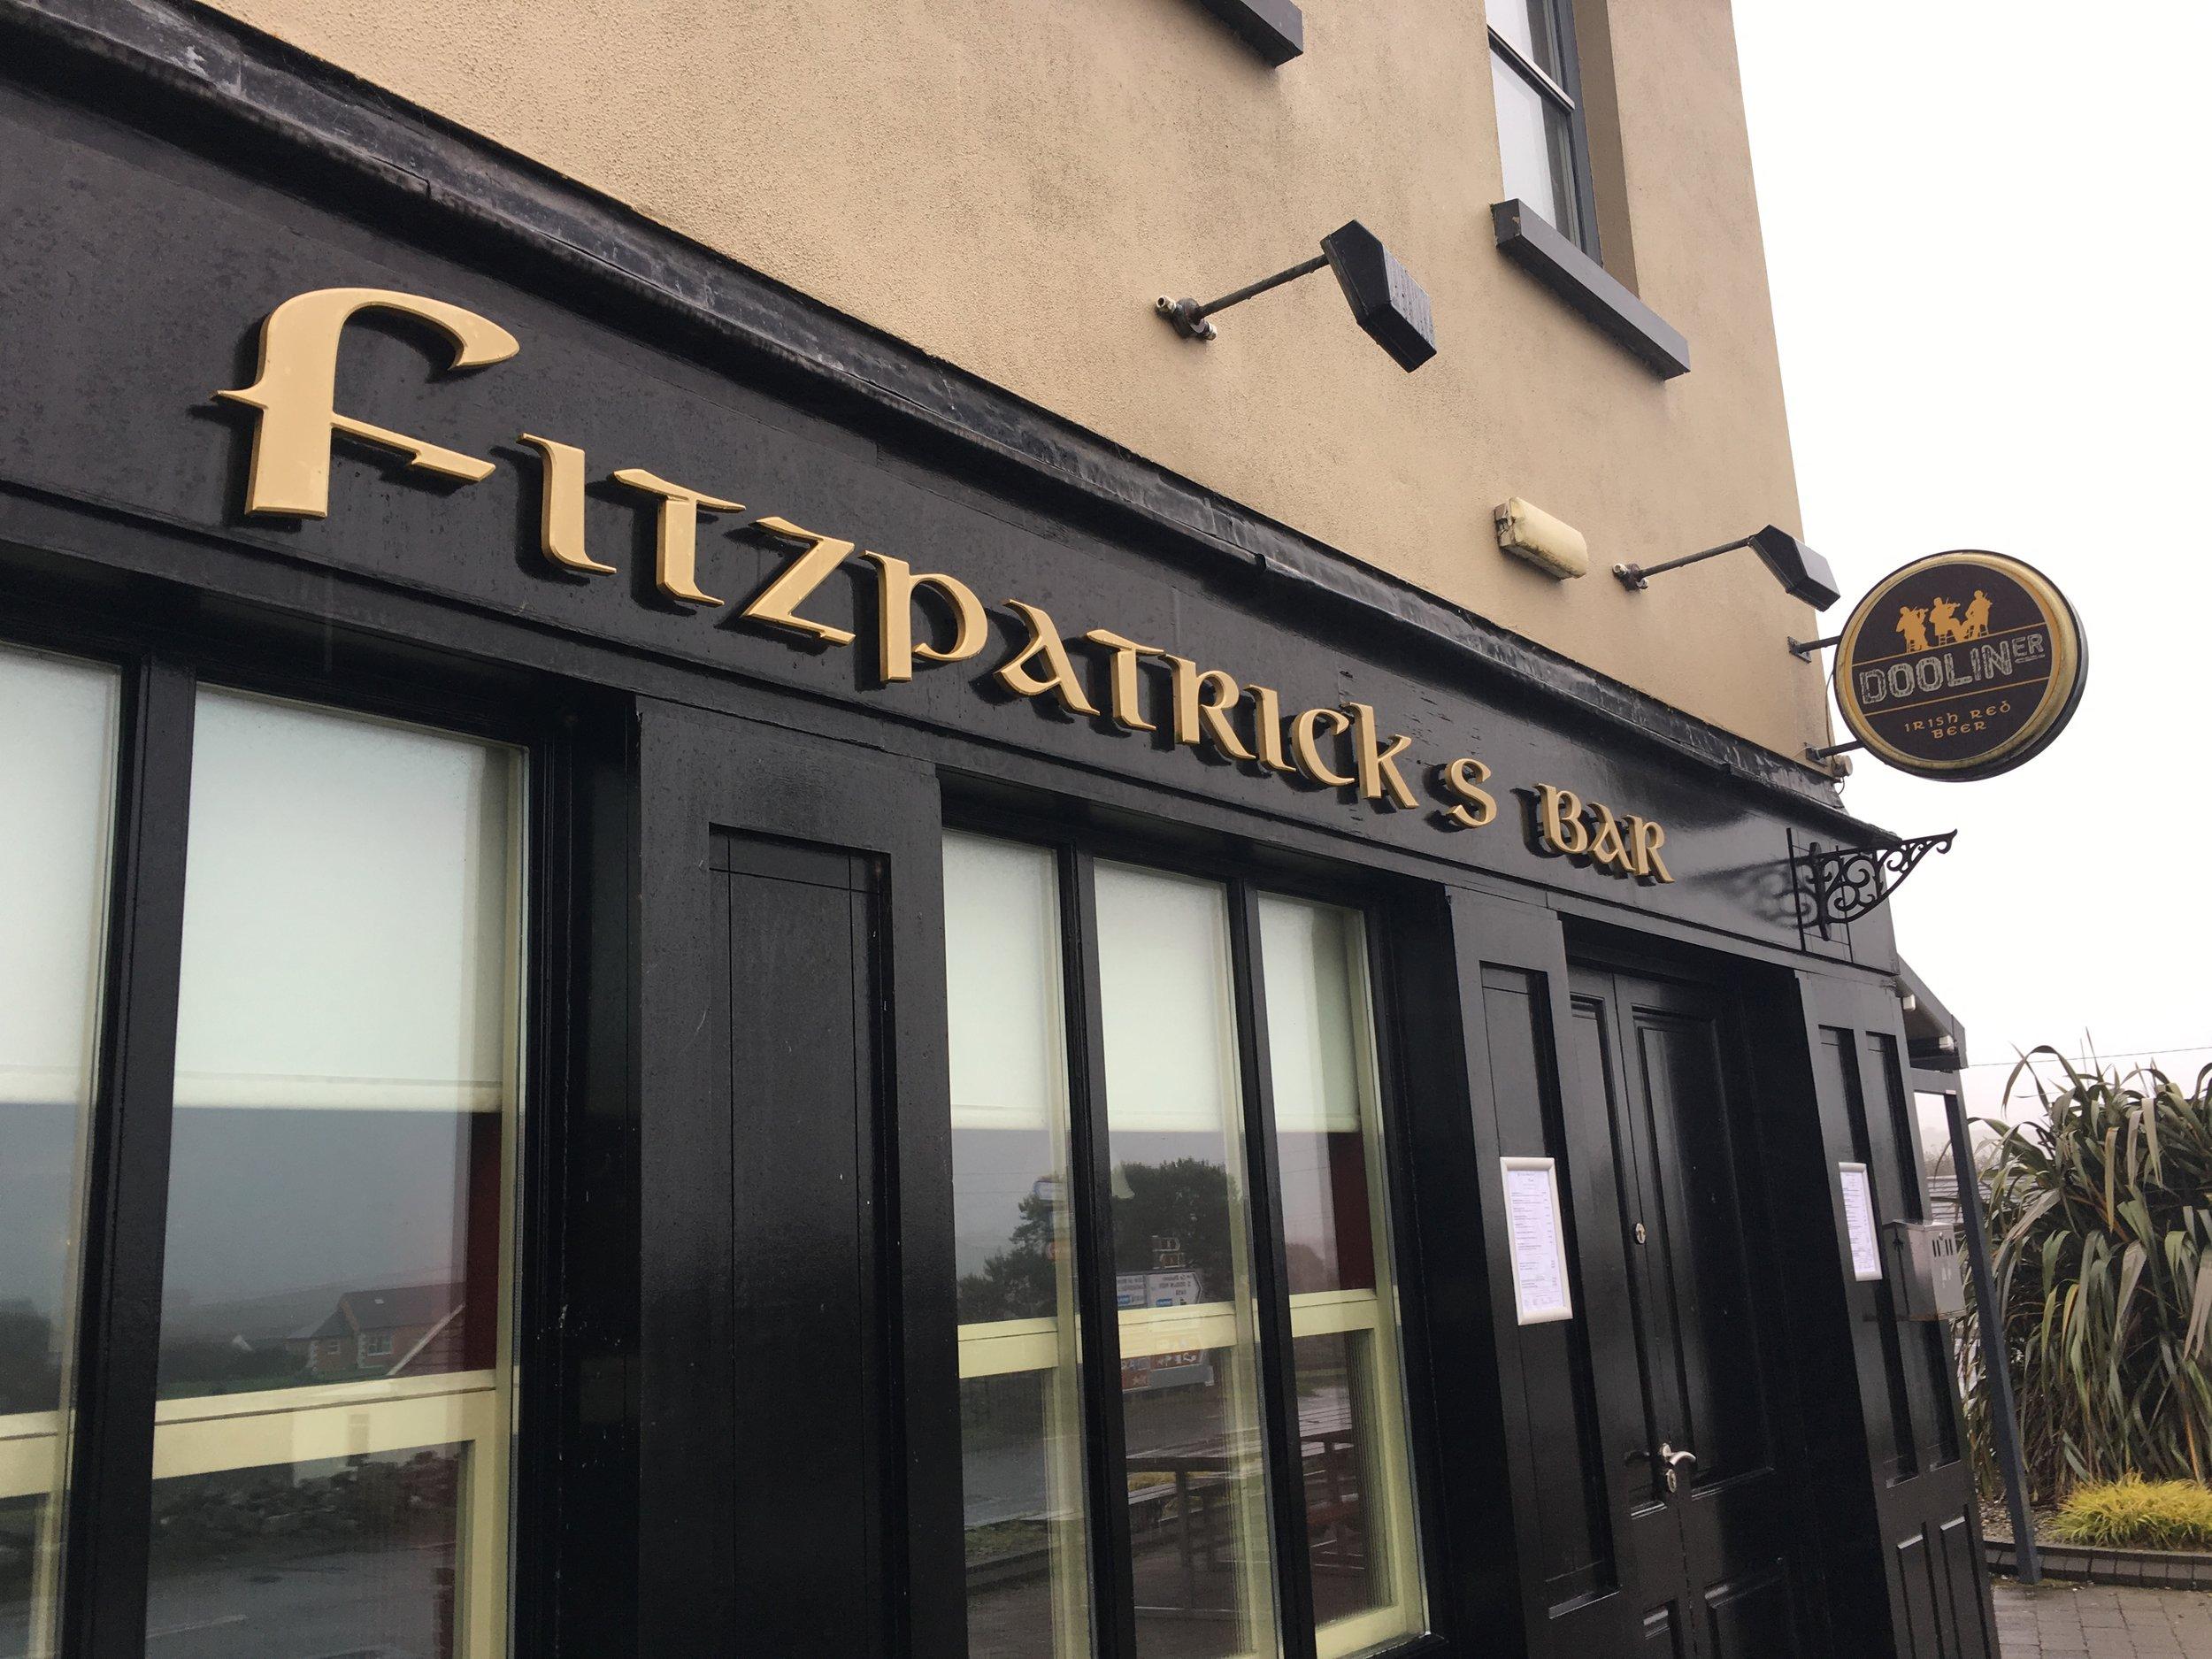 doolin; fitzpatrick's pub; ireland